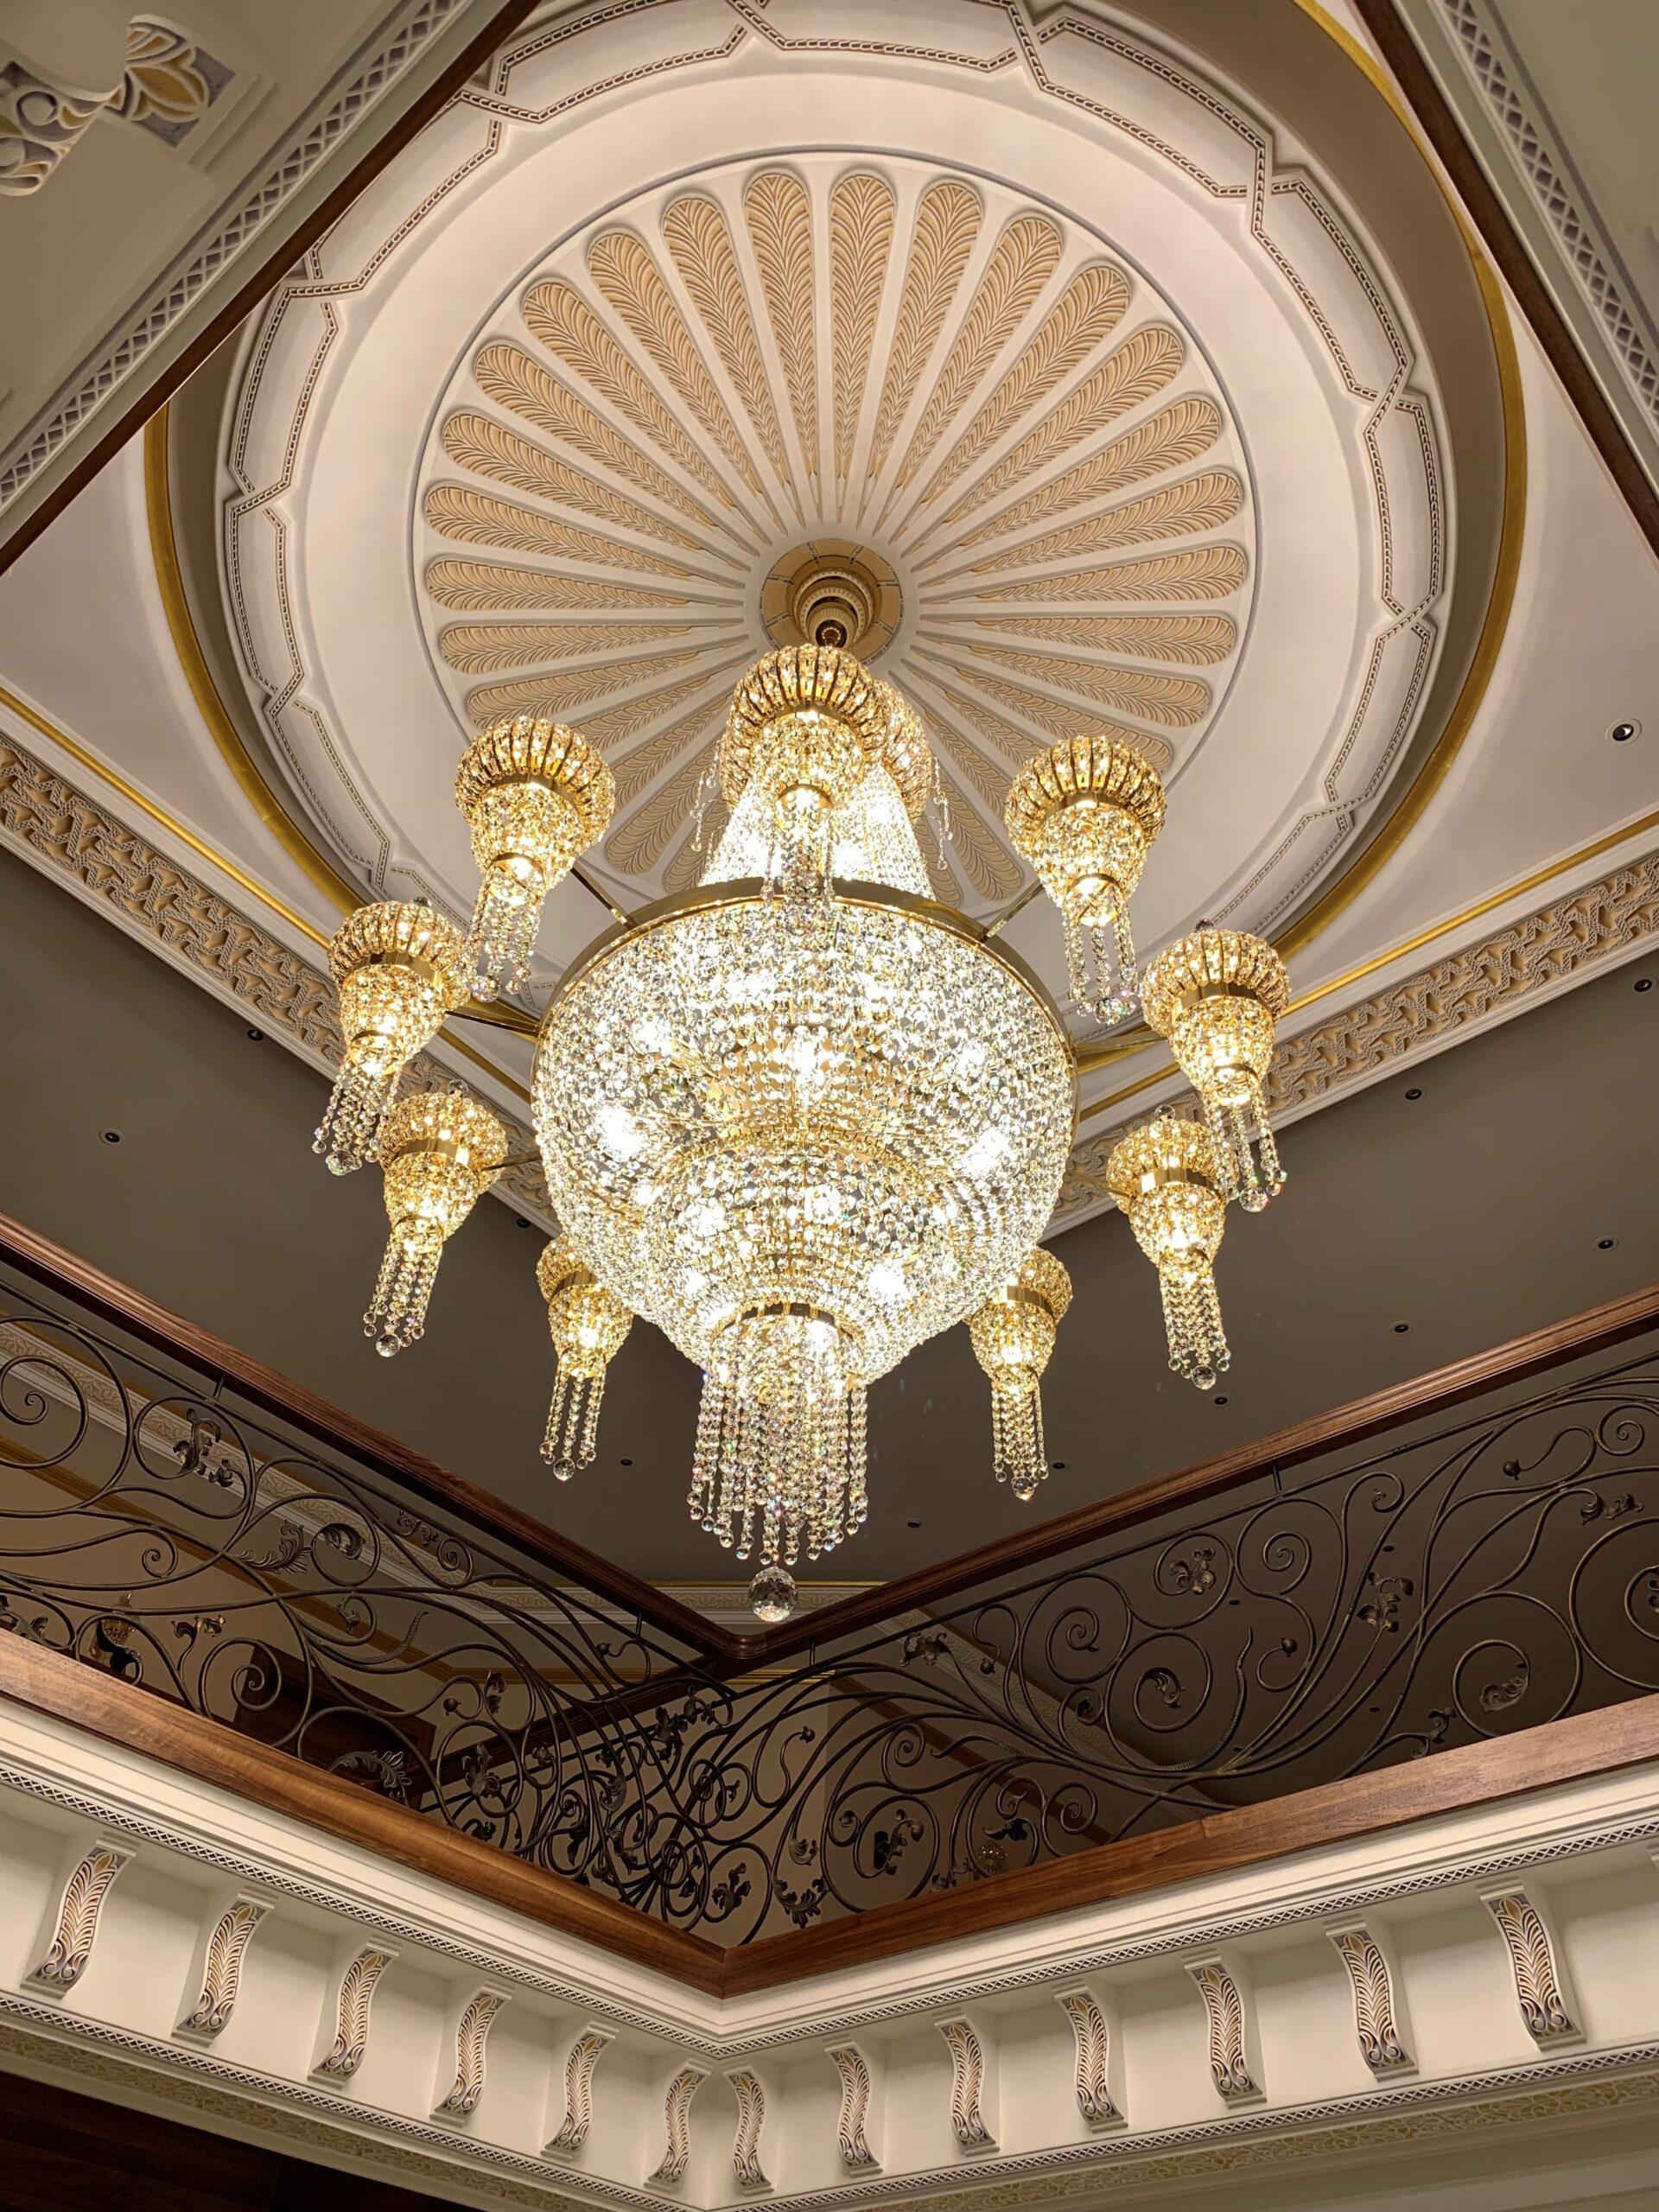 Installed large bespoke crystal chandelier